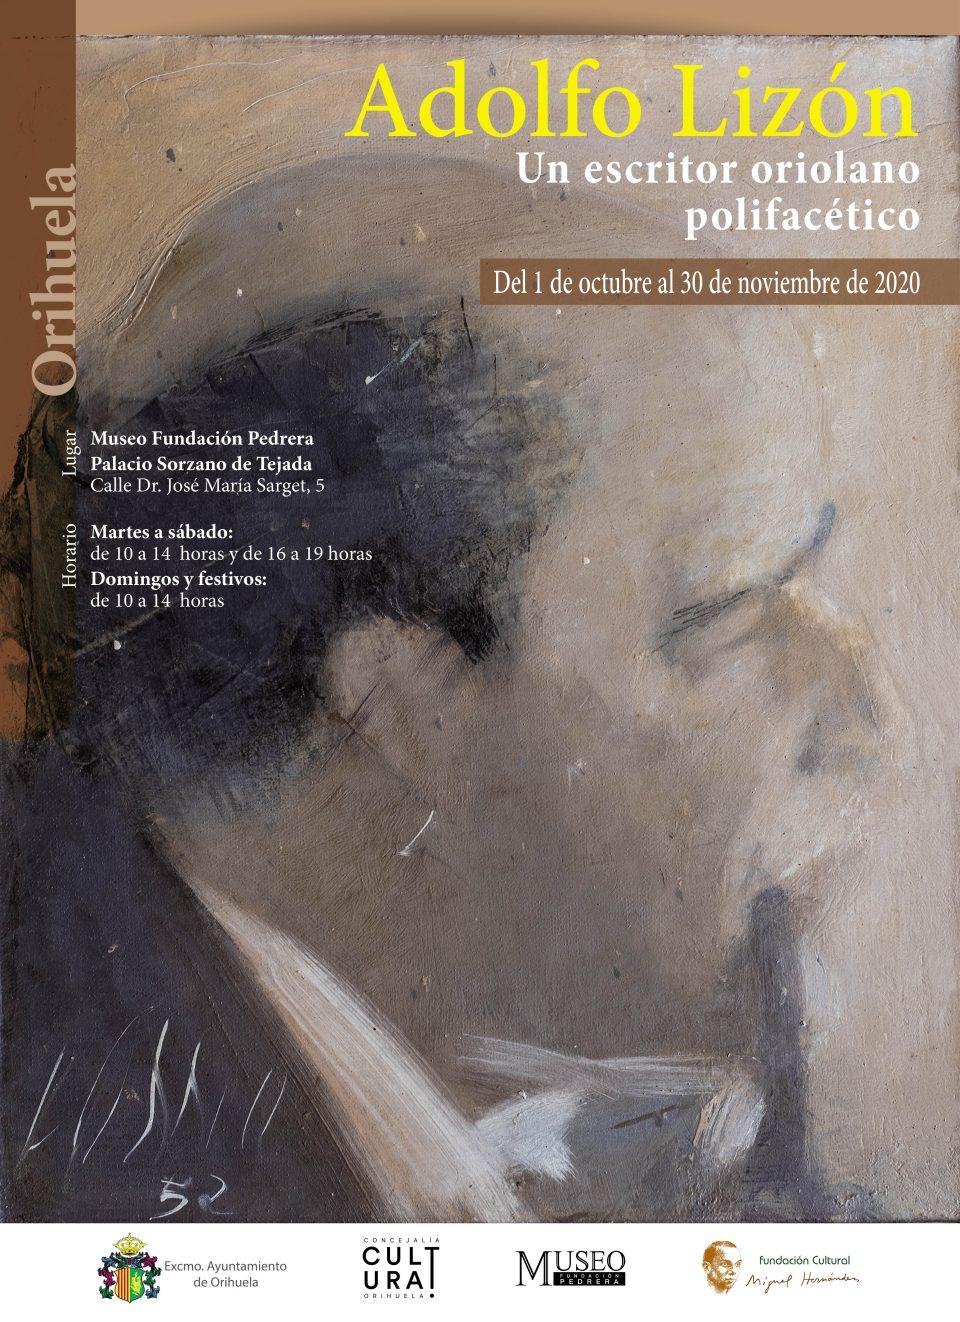 El jueves se presenta la muestra sobre el escritor y periodista oriolano Adolfo Lizón Gadea 6